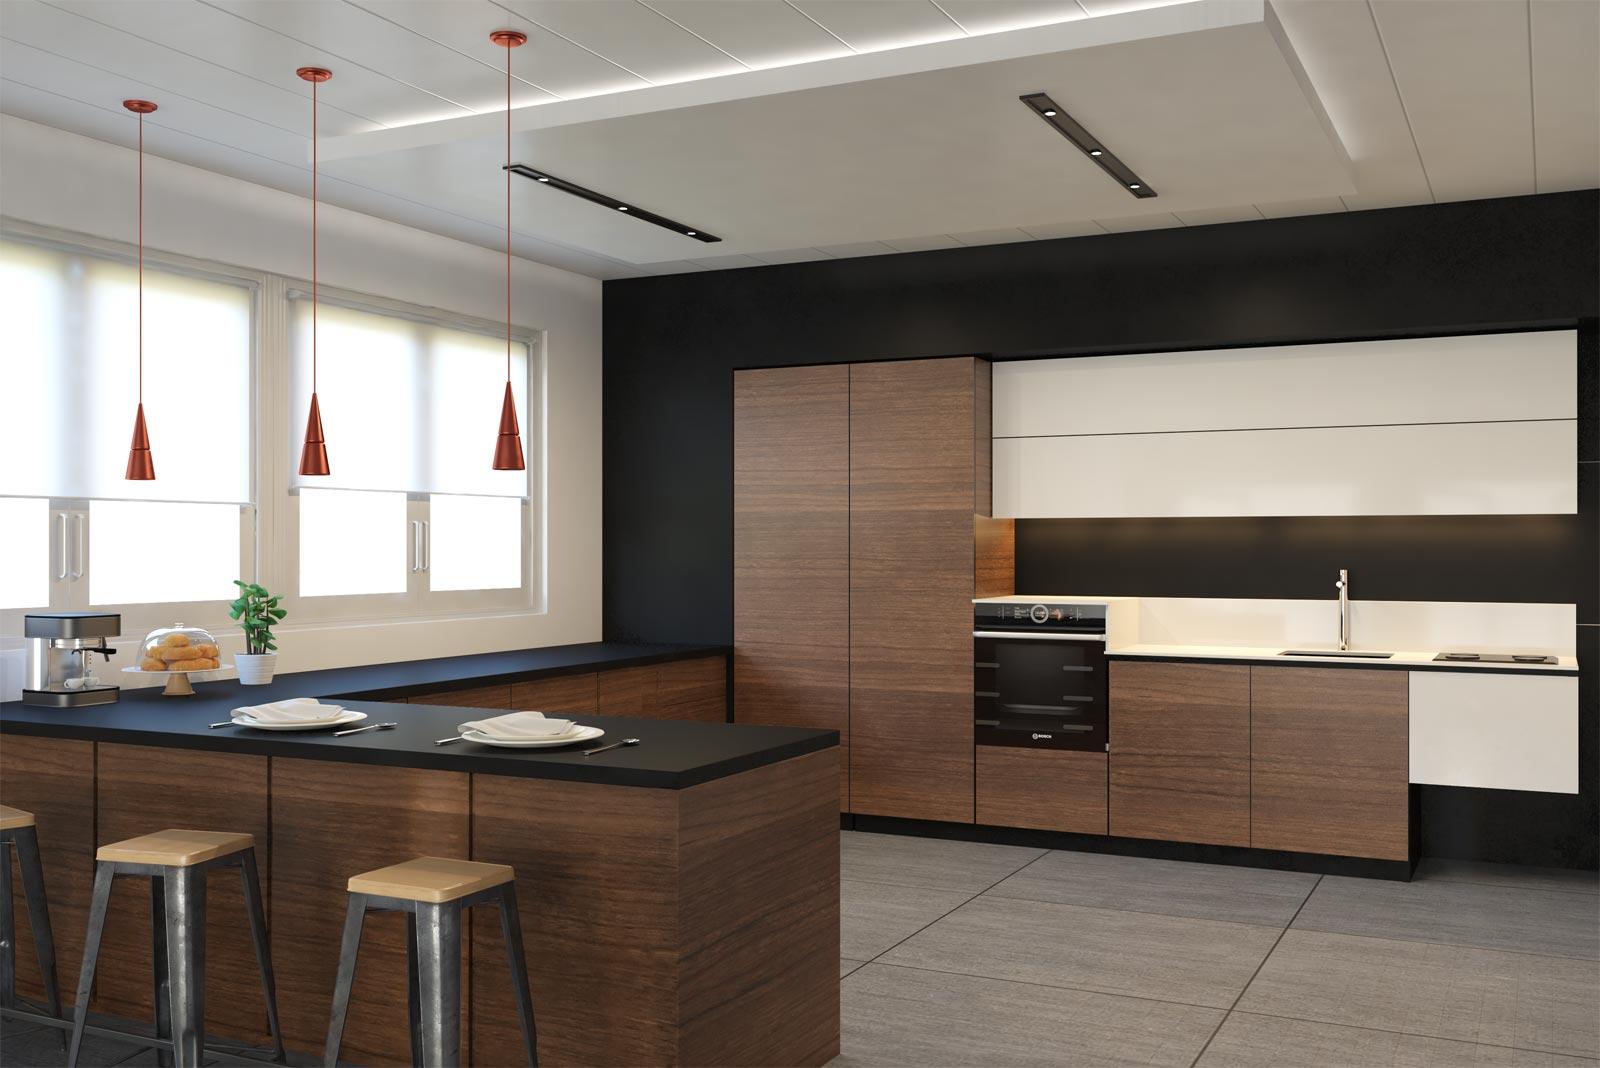 Rinnovare la Cucina? Con Replace Design puoi sostituire le ante cucina